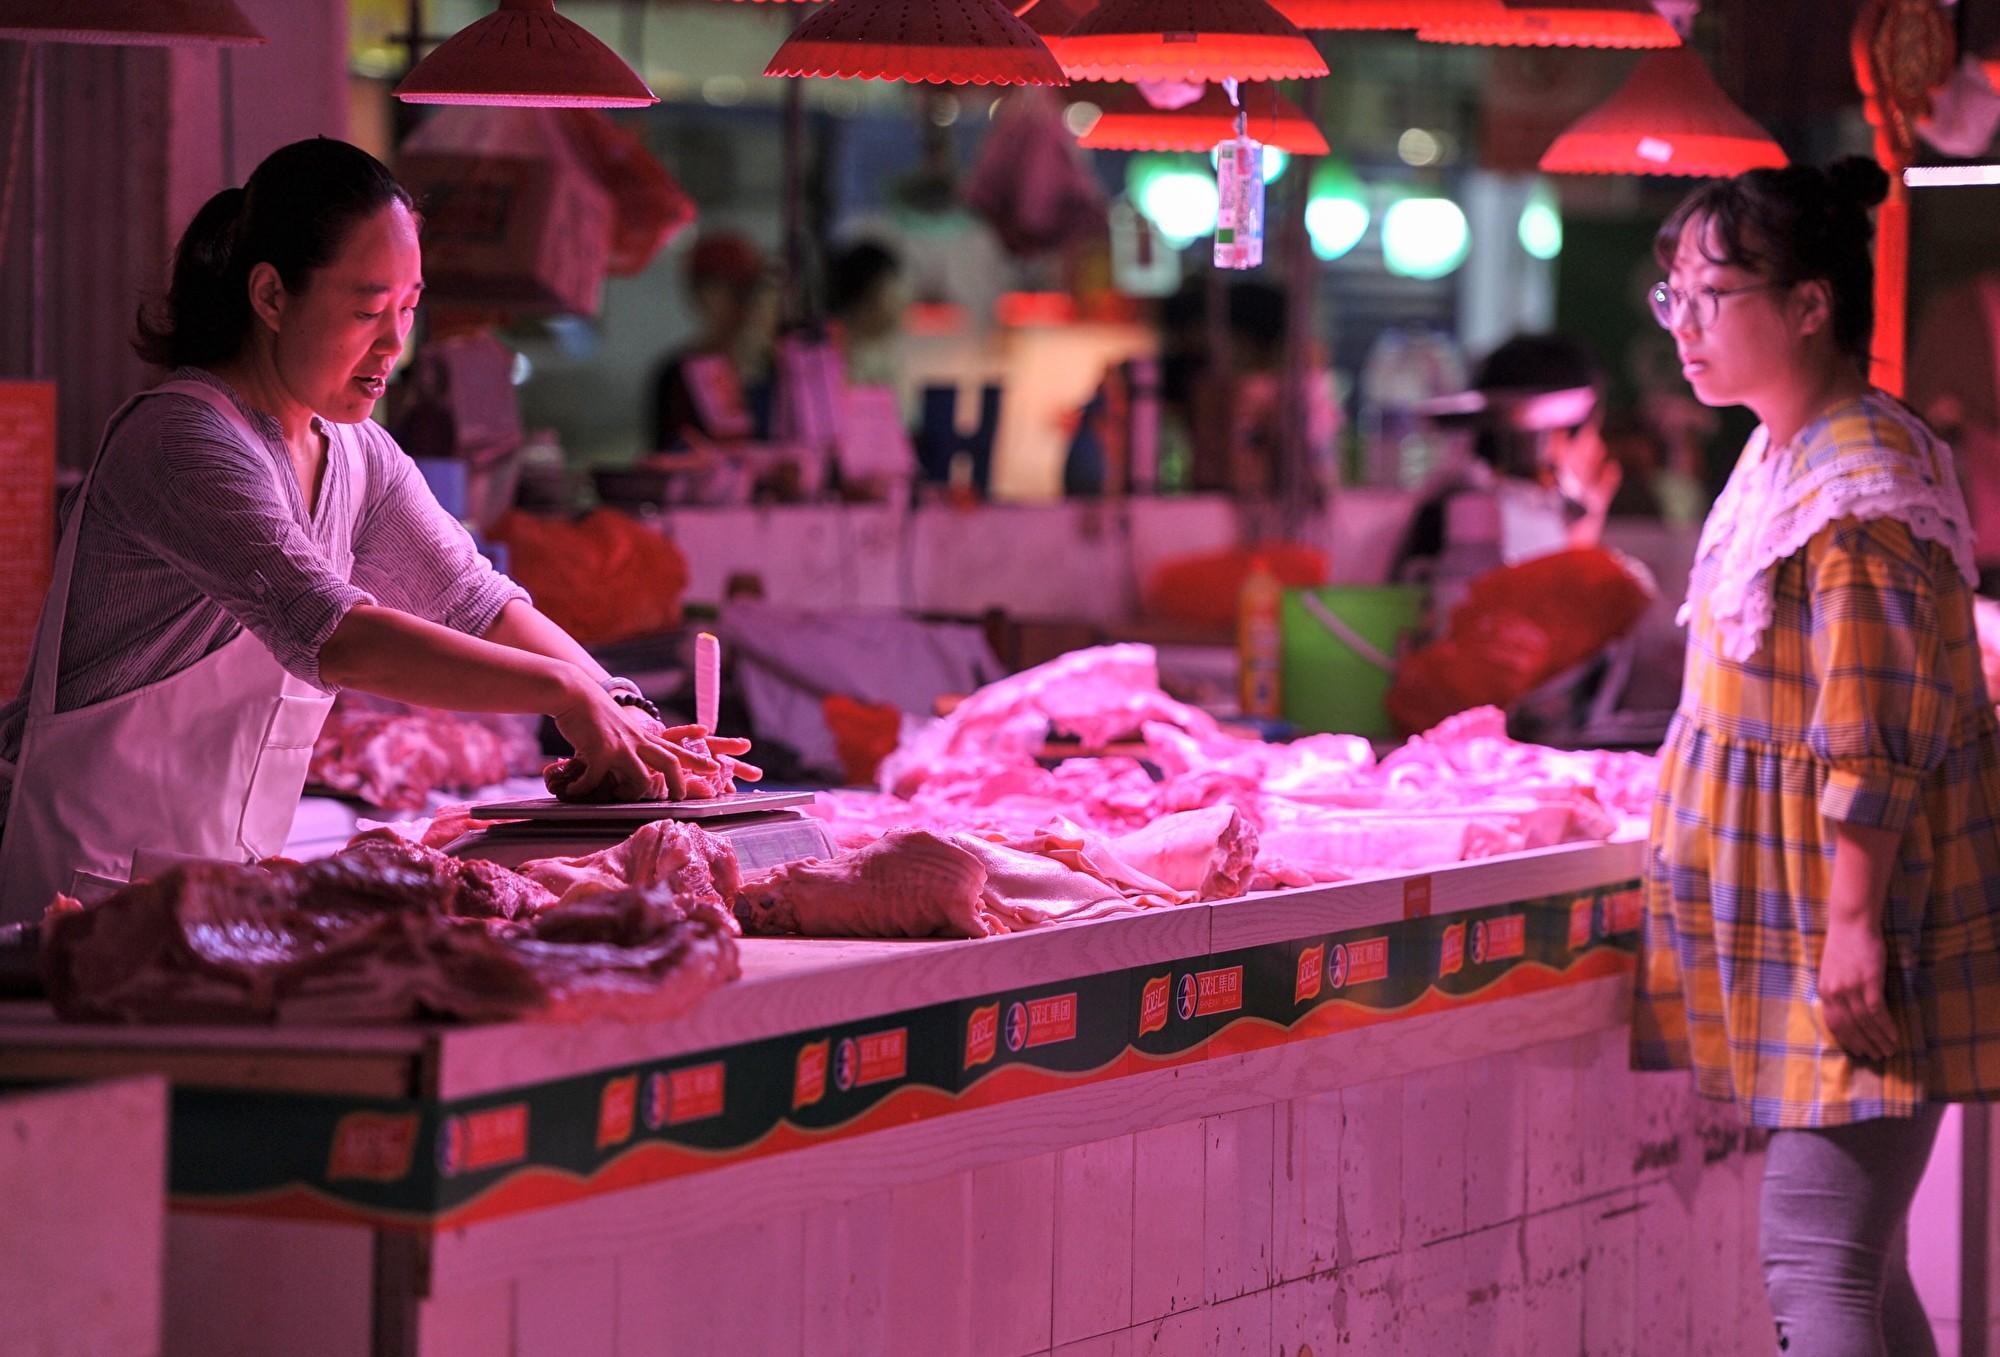 中國鬧豬肉荒 餐飲業感受供應量驟降壓力